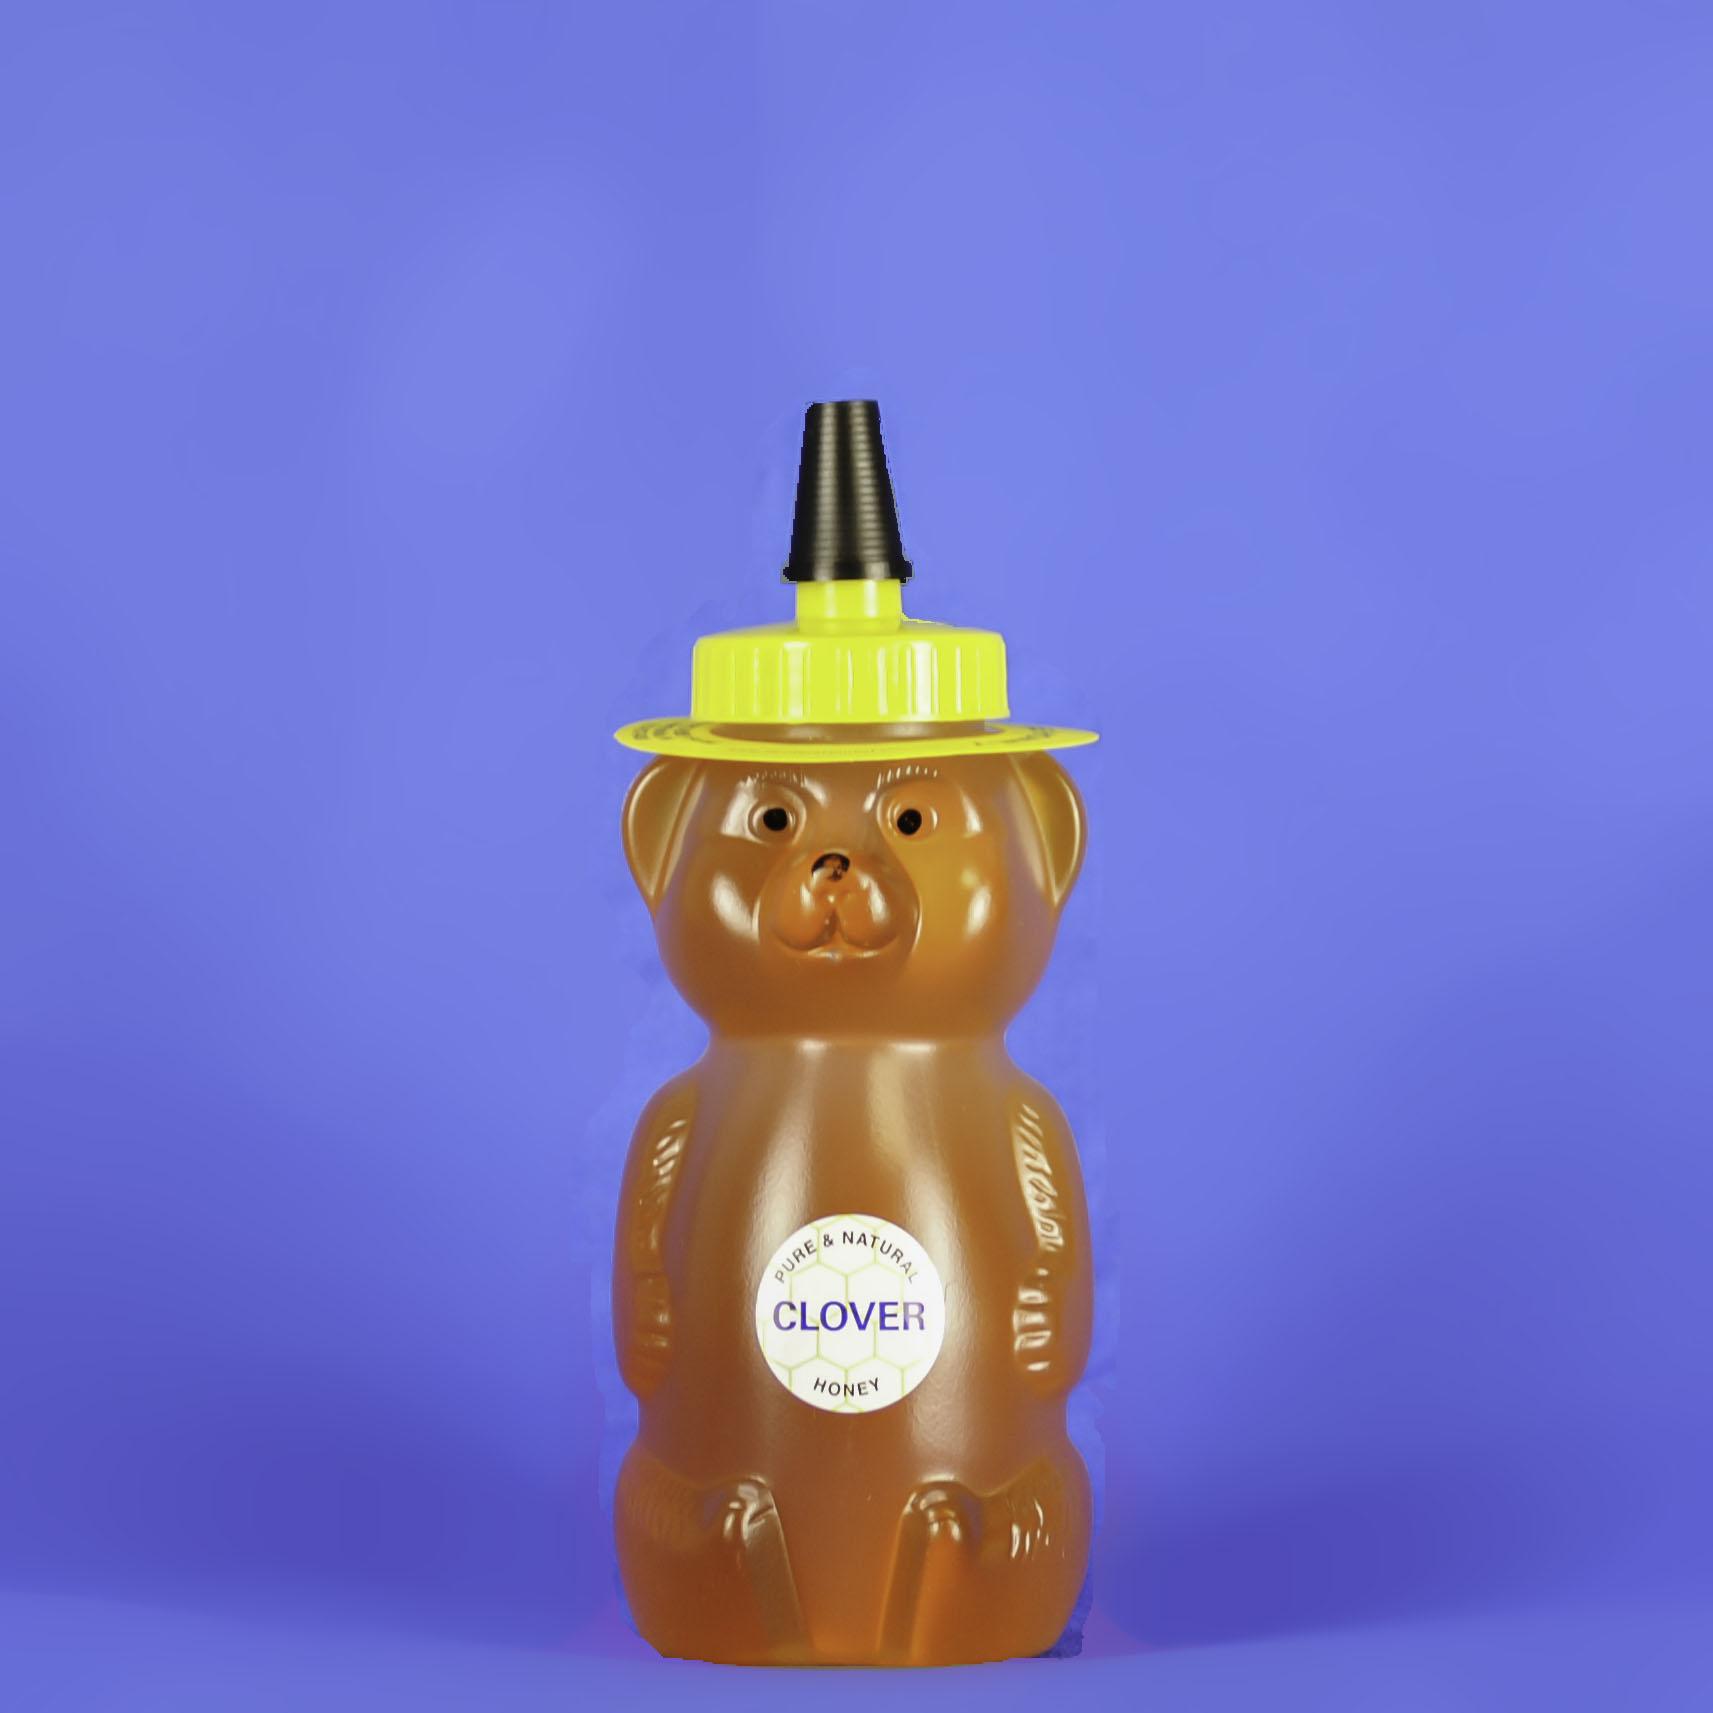 Clover Honey 12 oz Bear Bottle